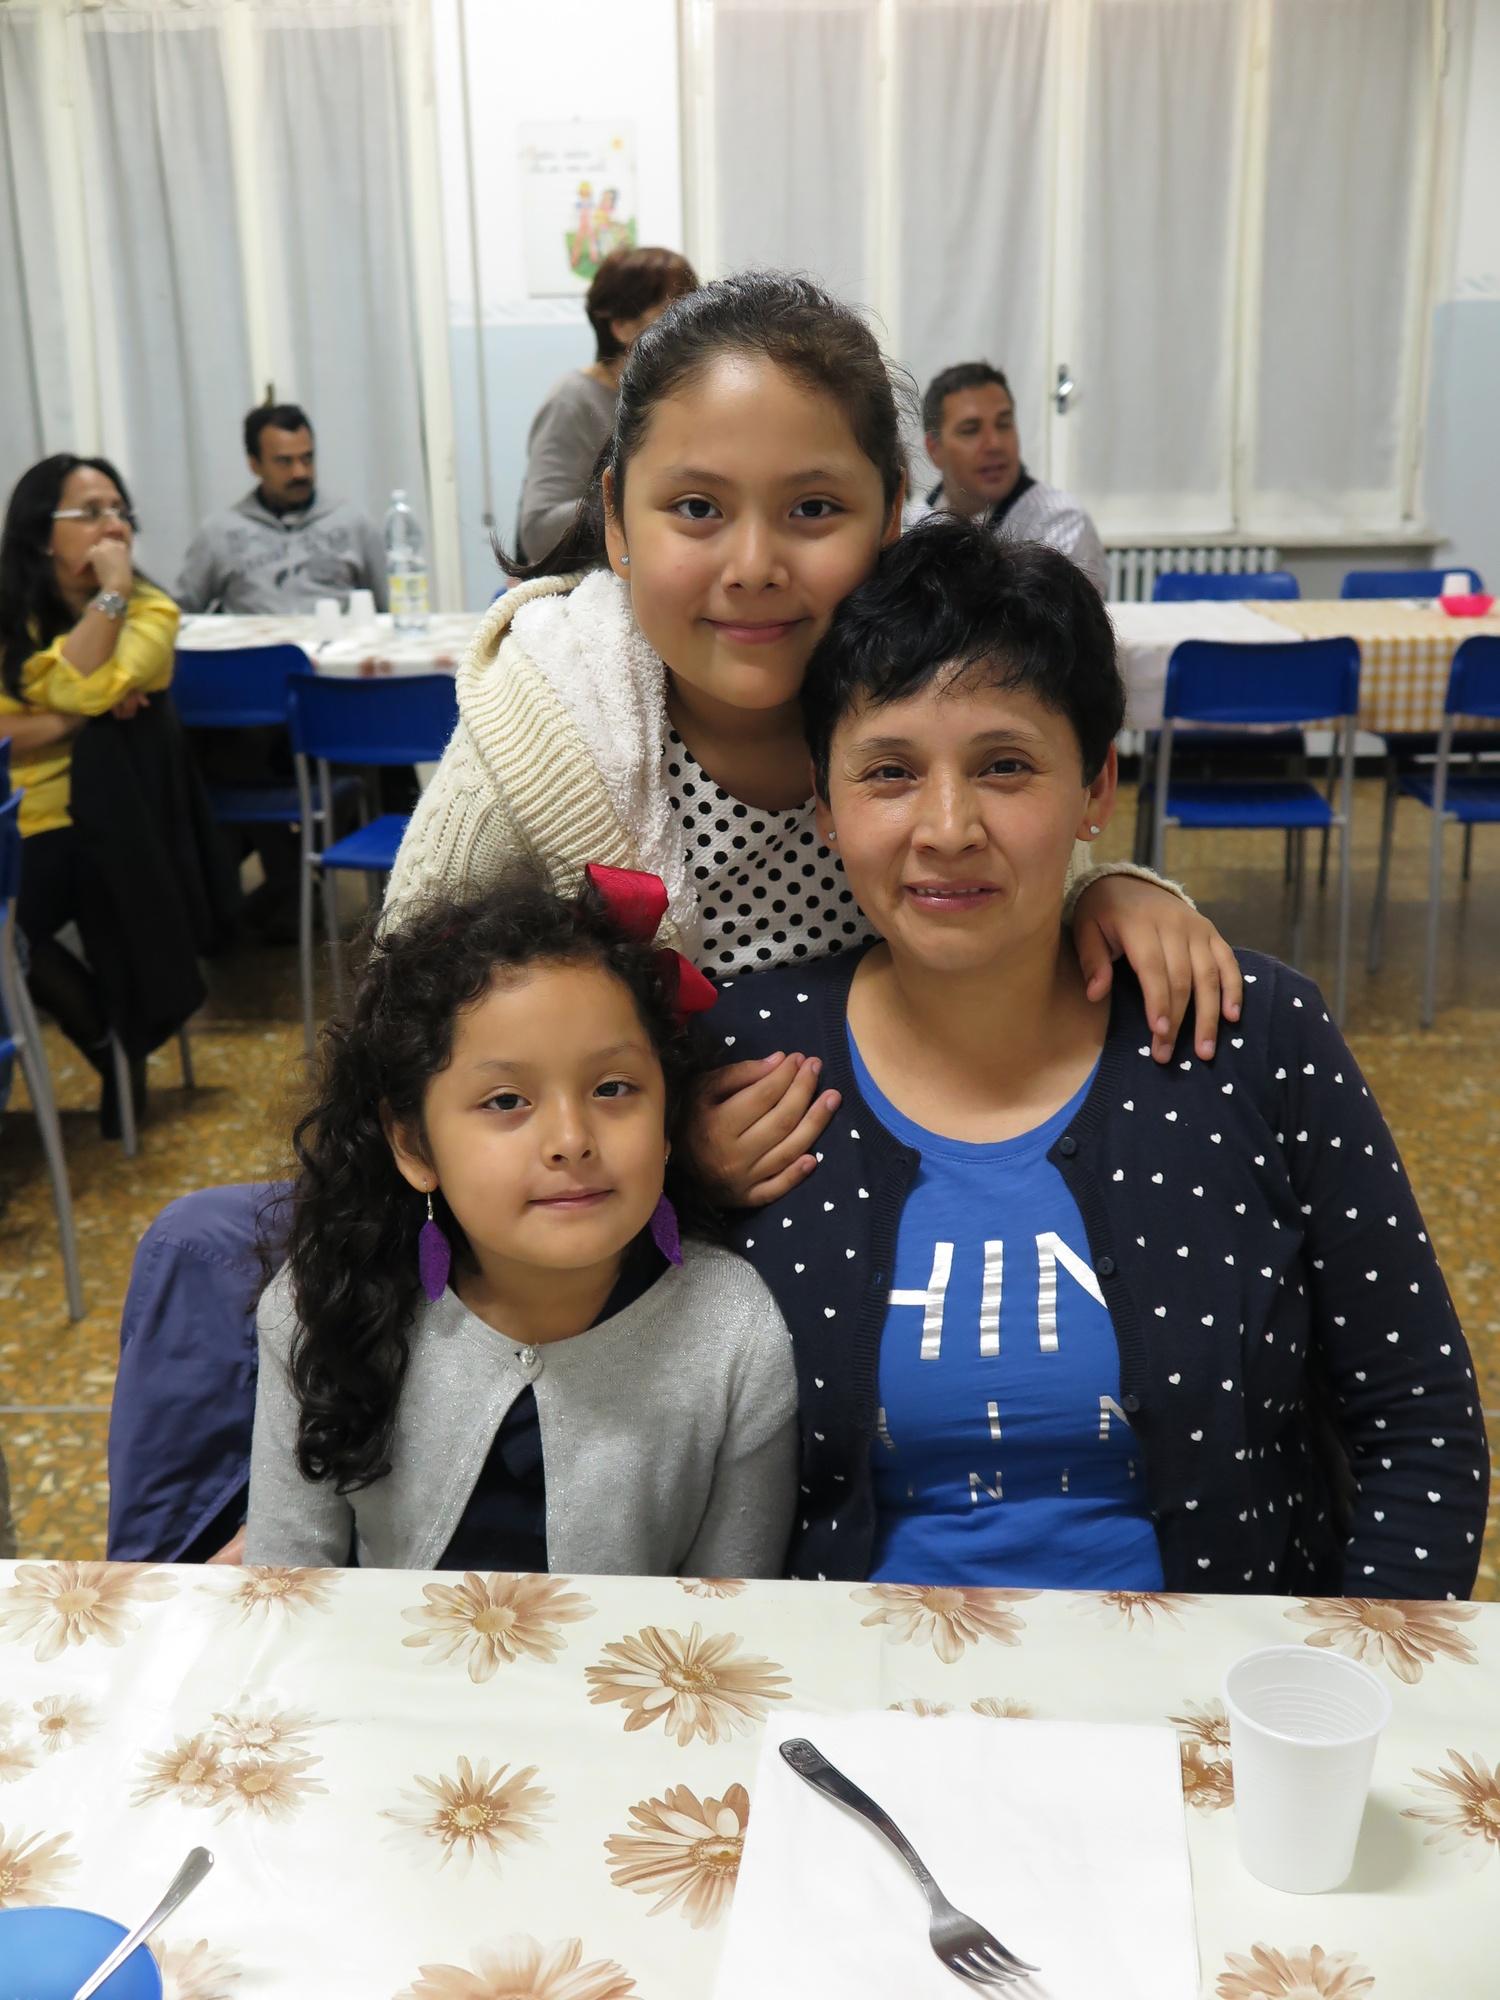 cena-famiglie-prima-comunione-2016-04-09-19-58-07